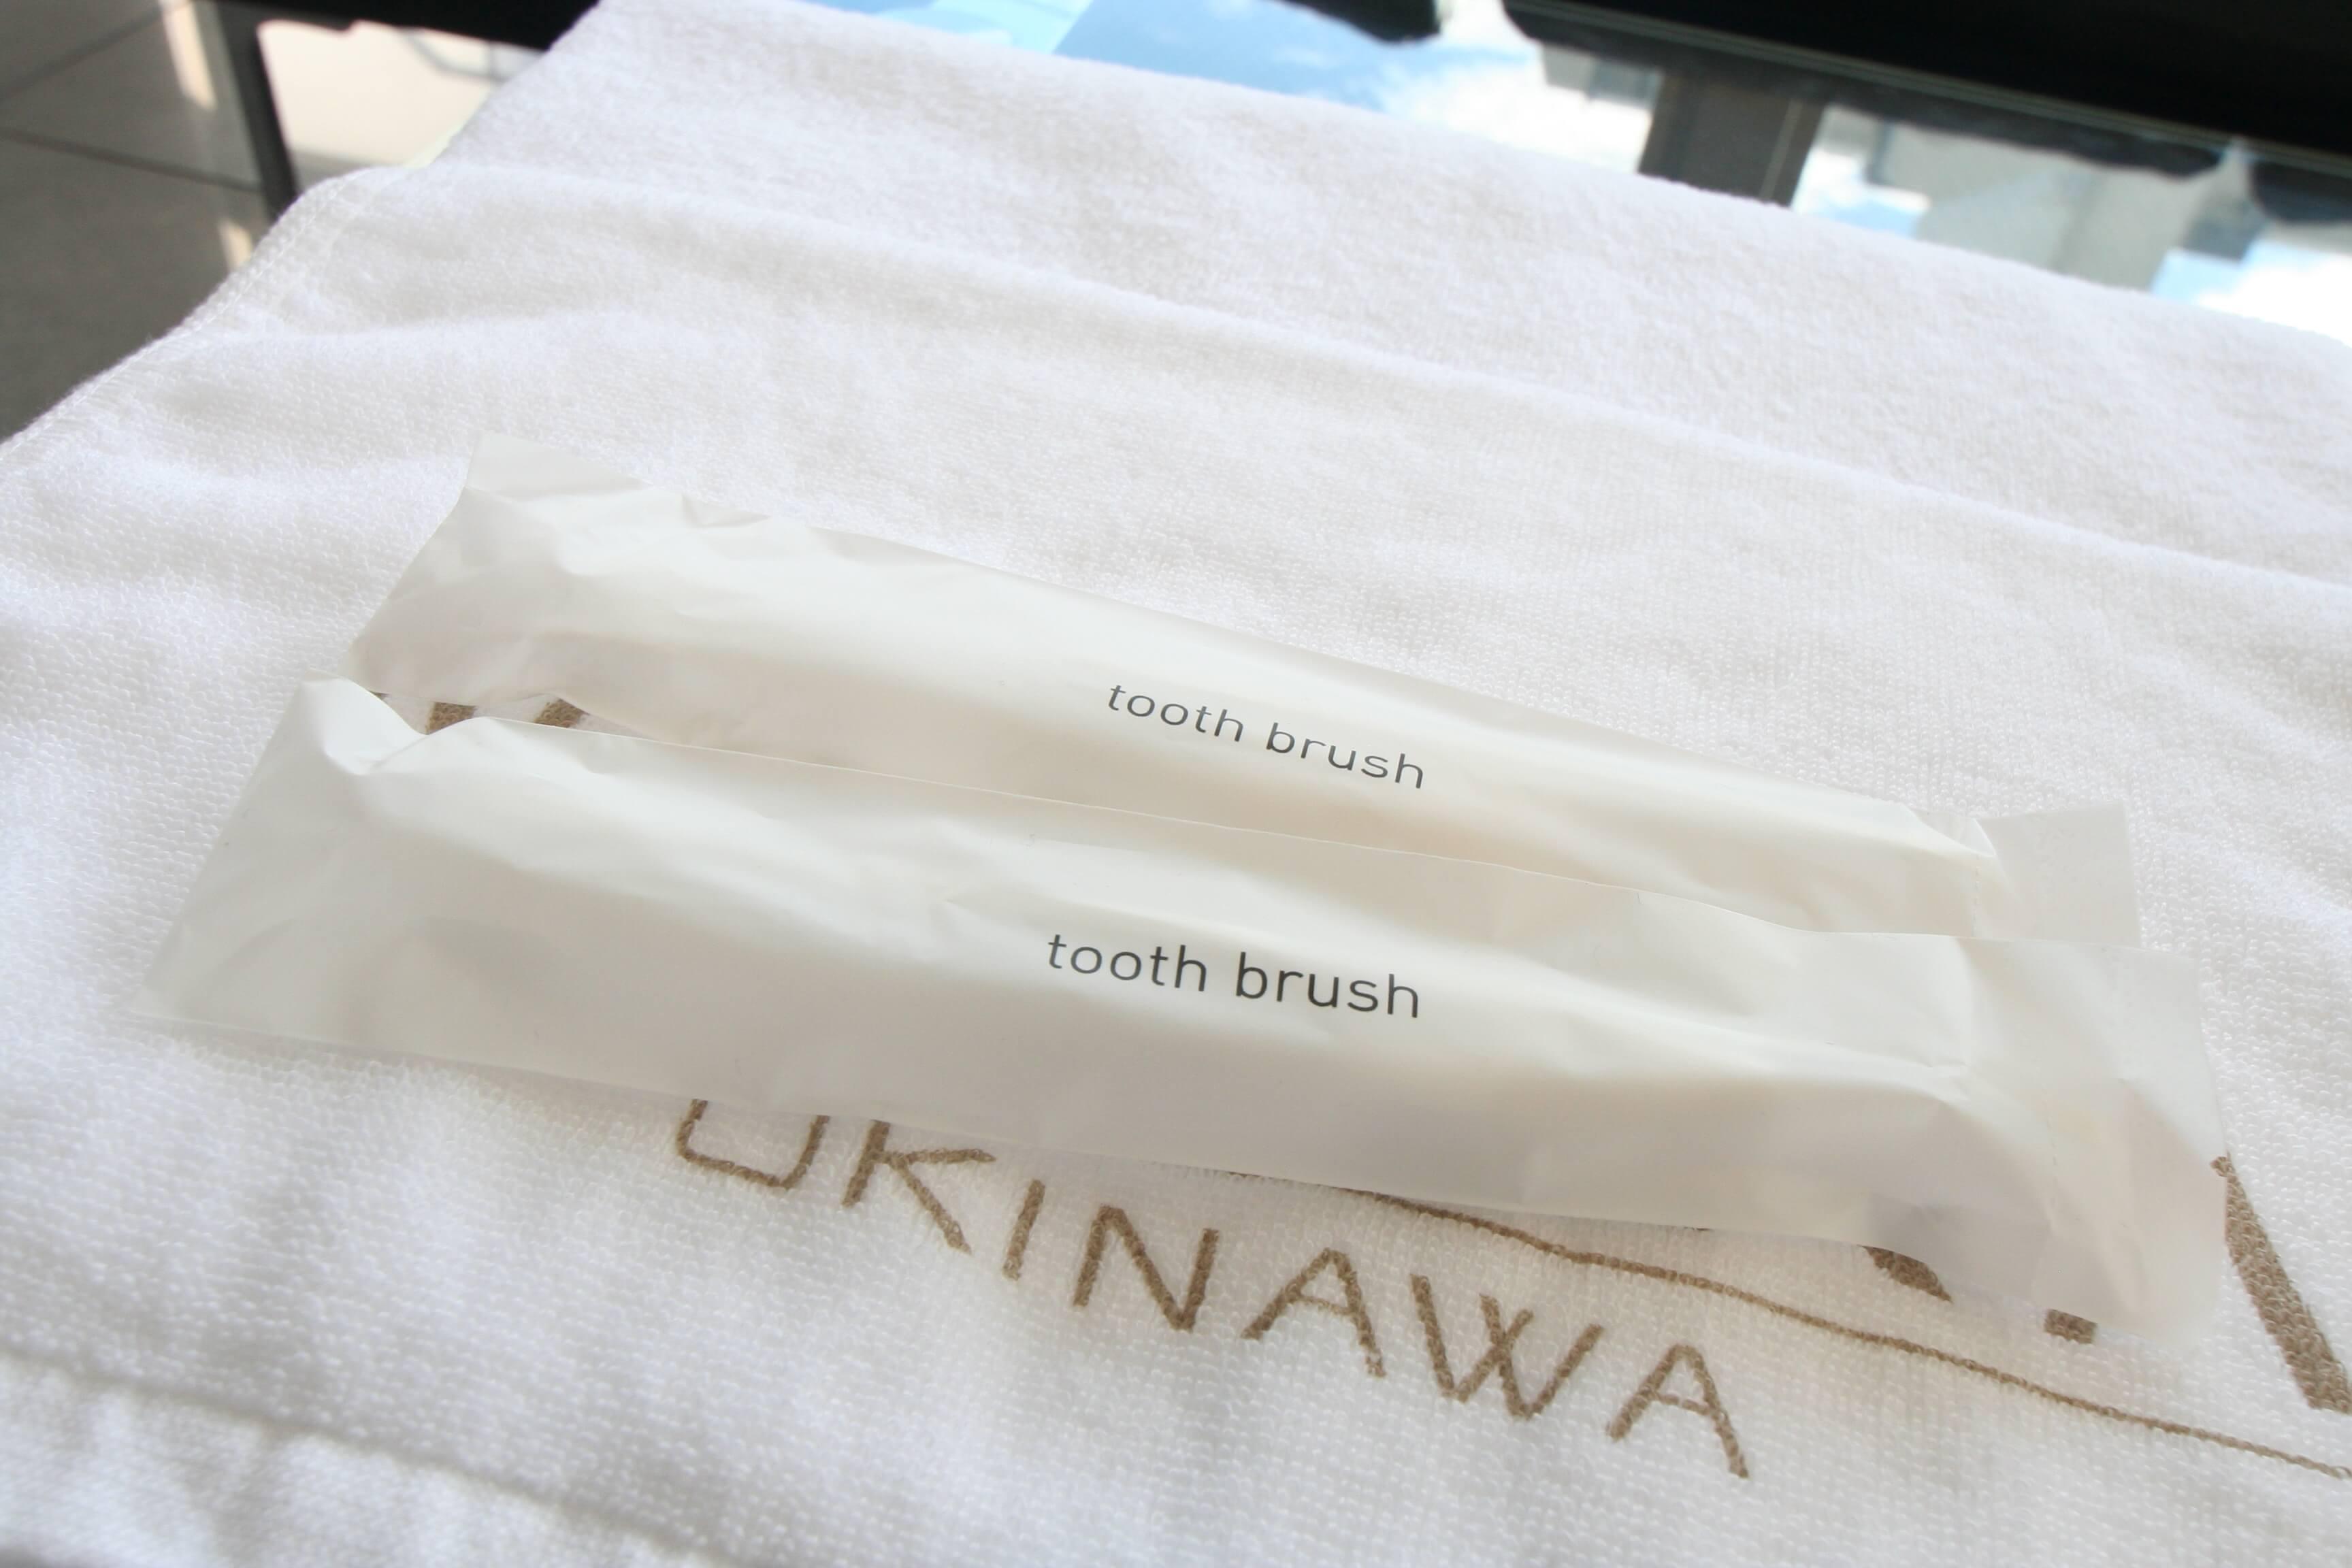 タオル・歯ブラシセット